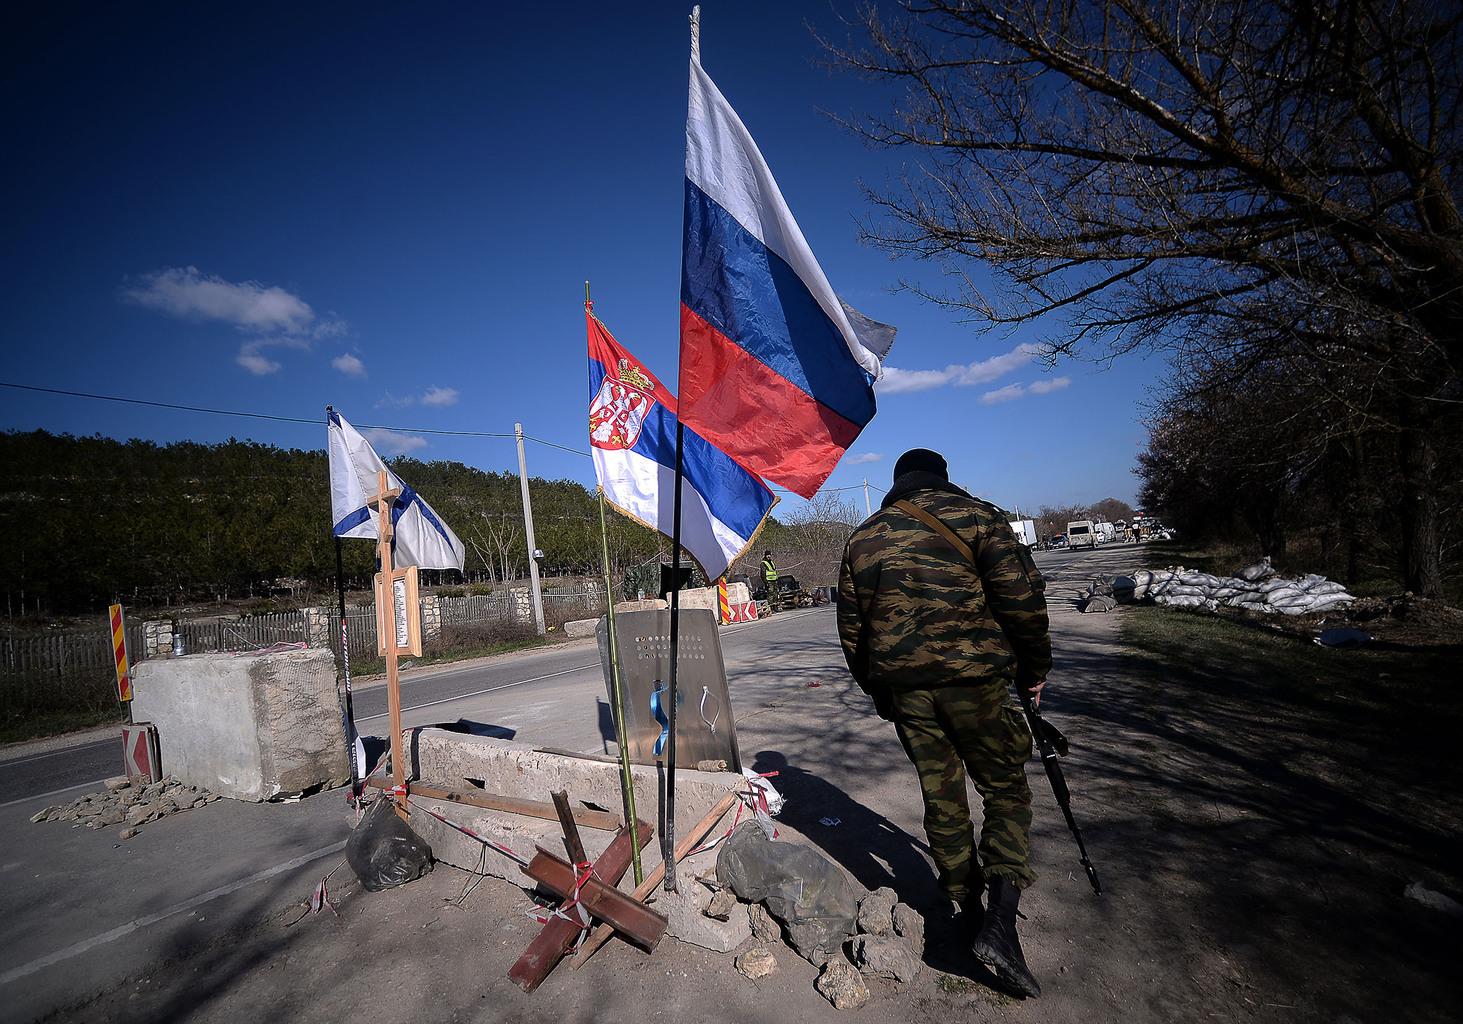 Orosz katonai ellenőrzési pont Szimferopol közelében 2018-ban #moszkvater